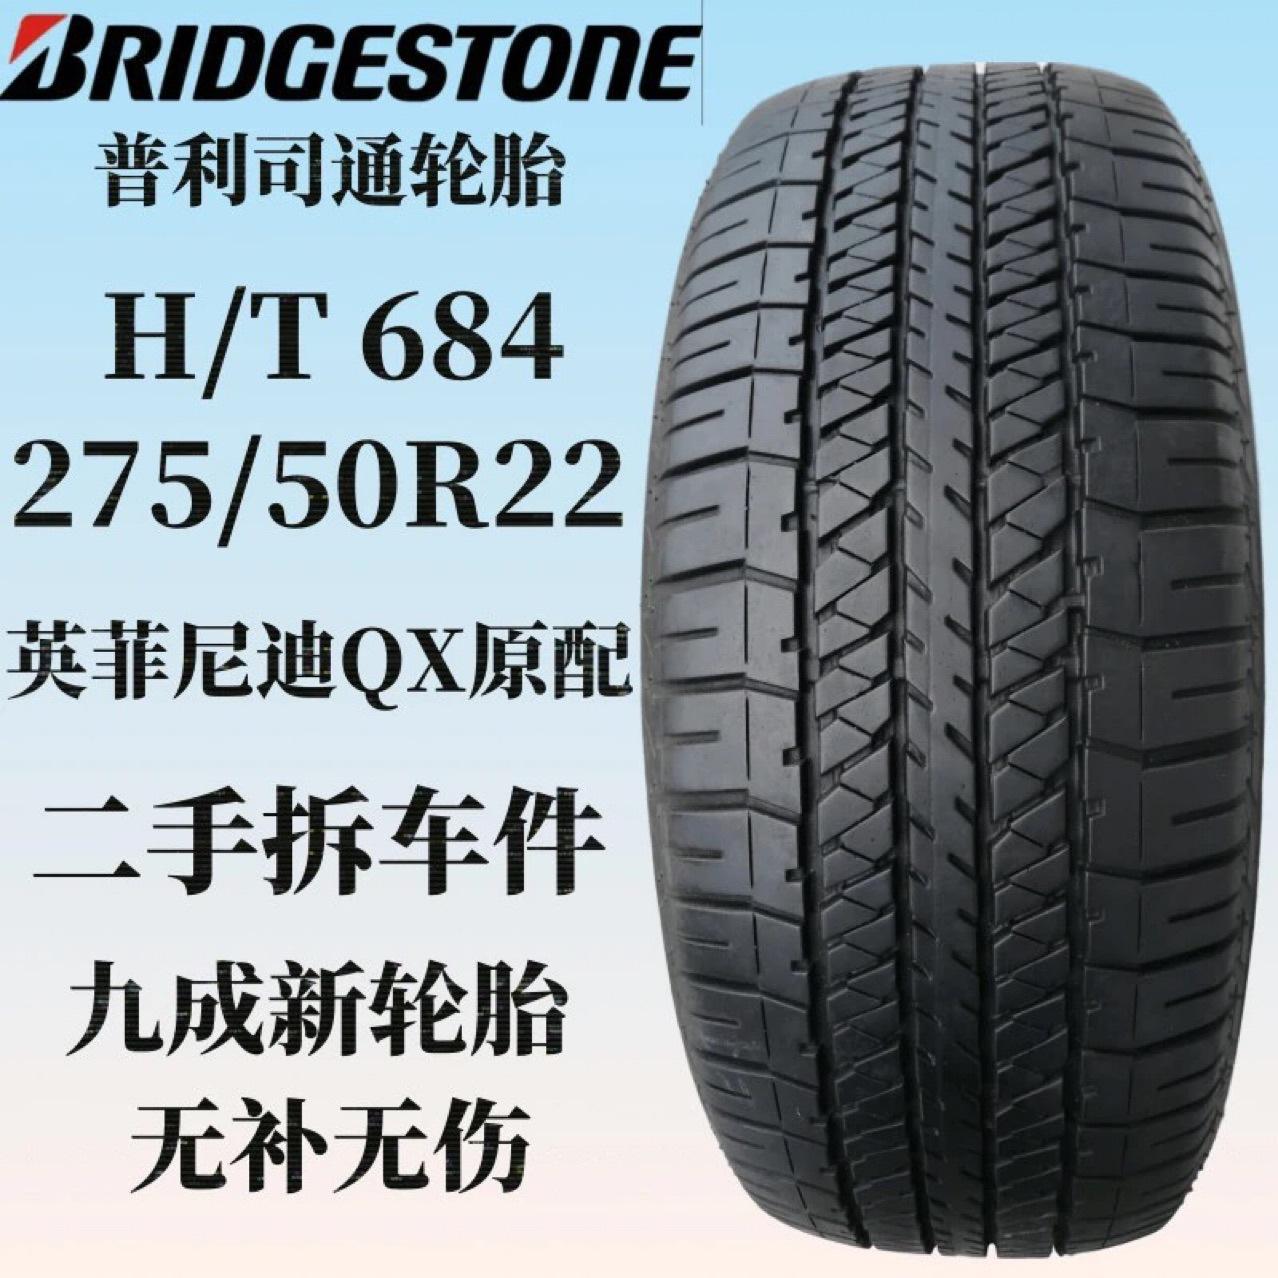 Bridgestone tire 275/50R22H/T684 111H is suitable for Infiniti QX original 275 50 22